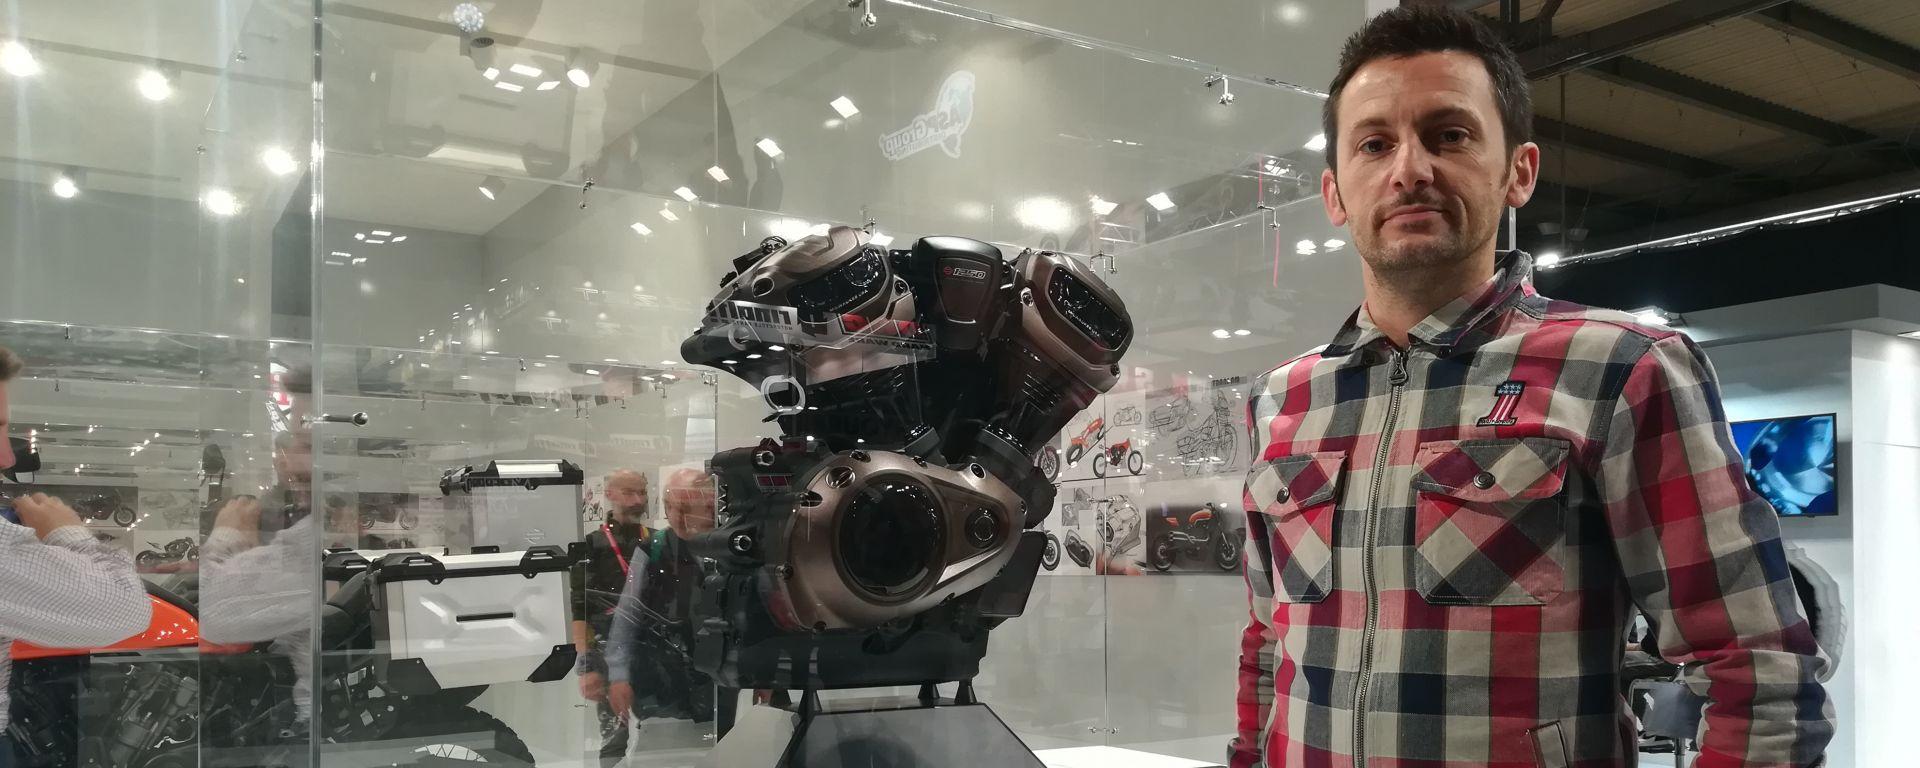 Le novità Harley-Davidson a EICMA 2019